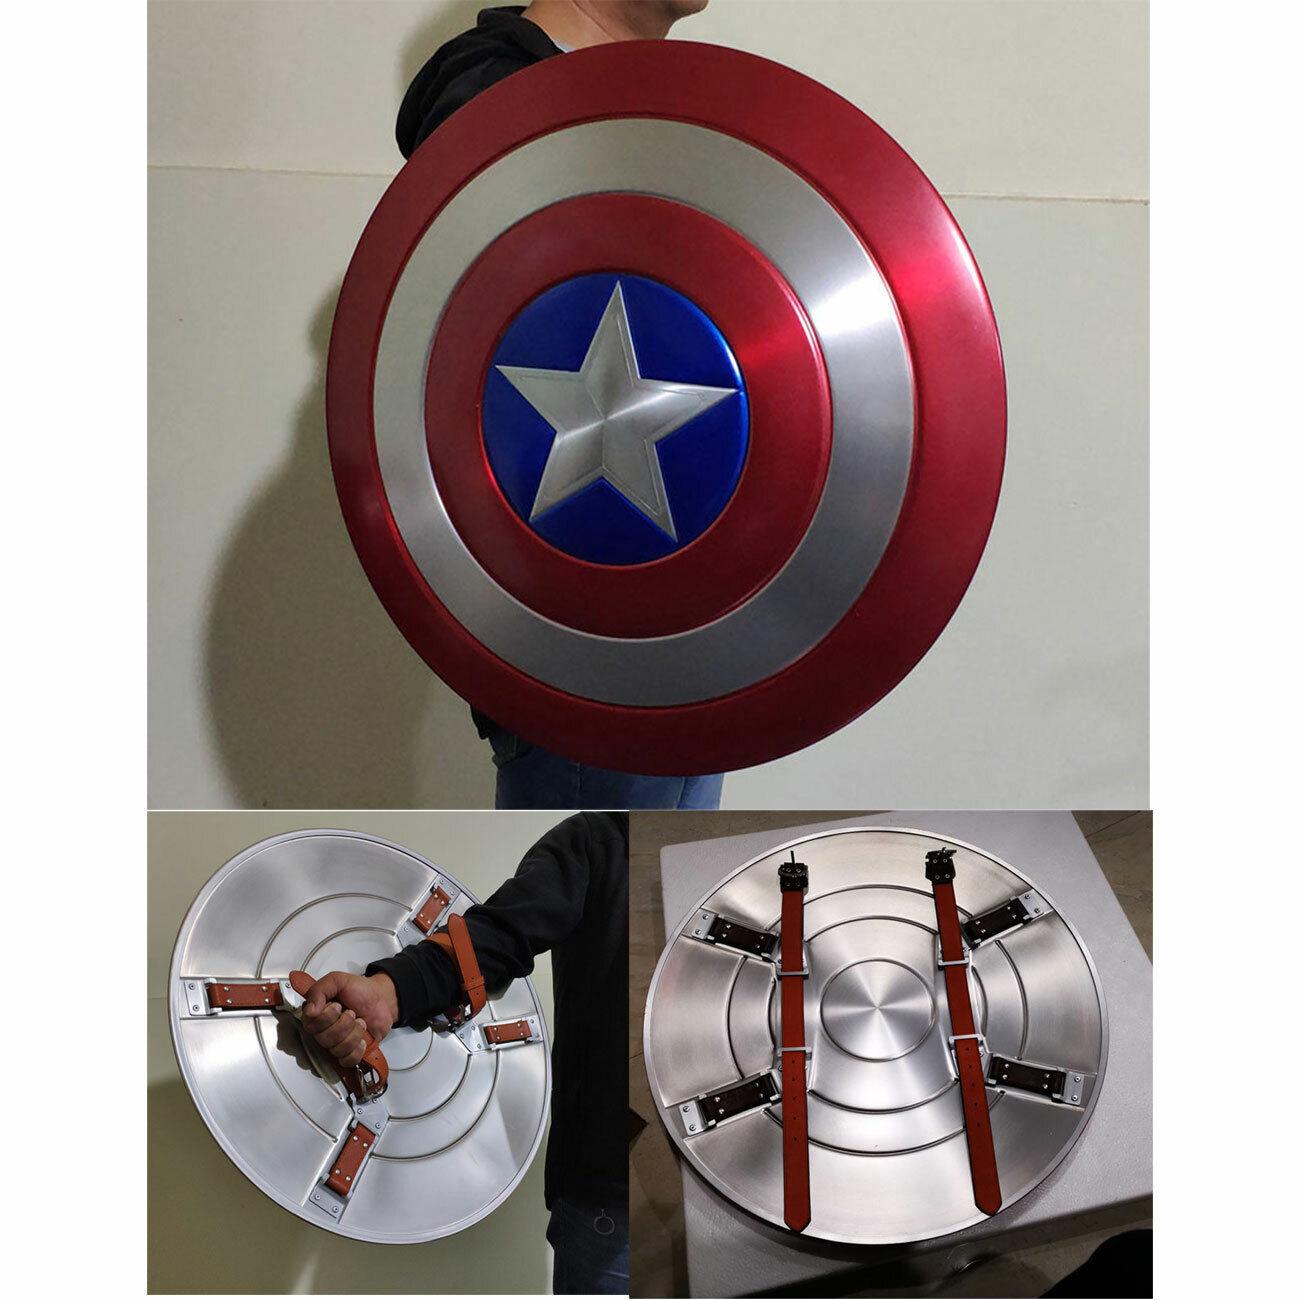 Capitán América 1 1 Escala Modelo Escudo de juguete de aleación de aluminio pintado para Juegos con disfraces